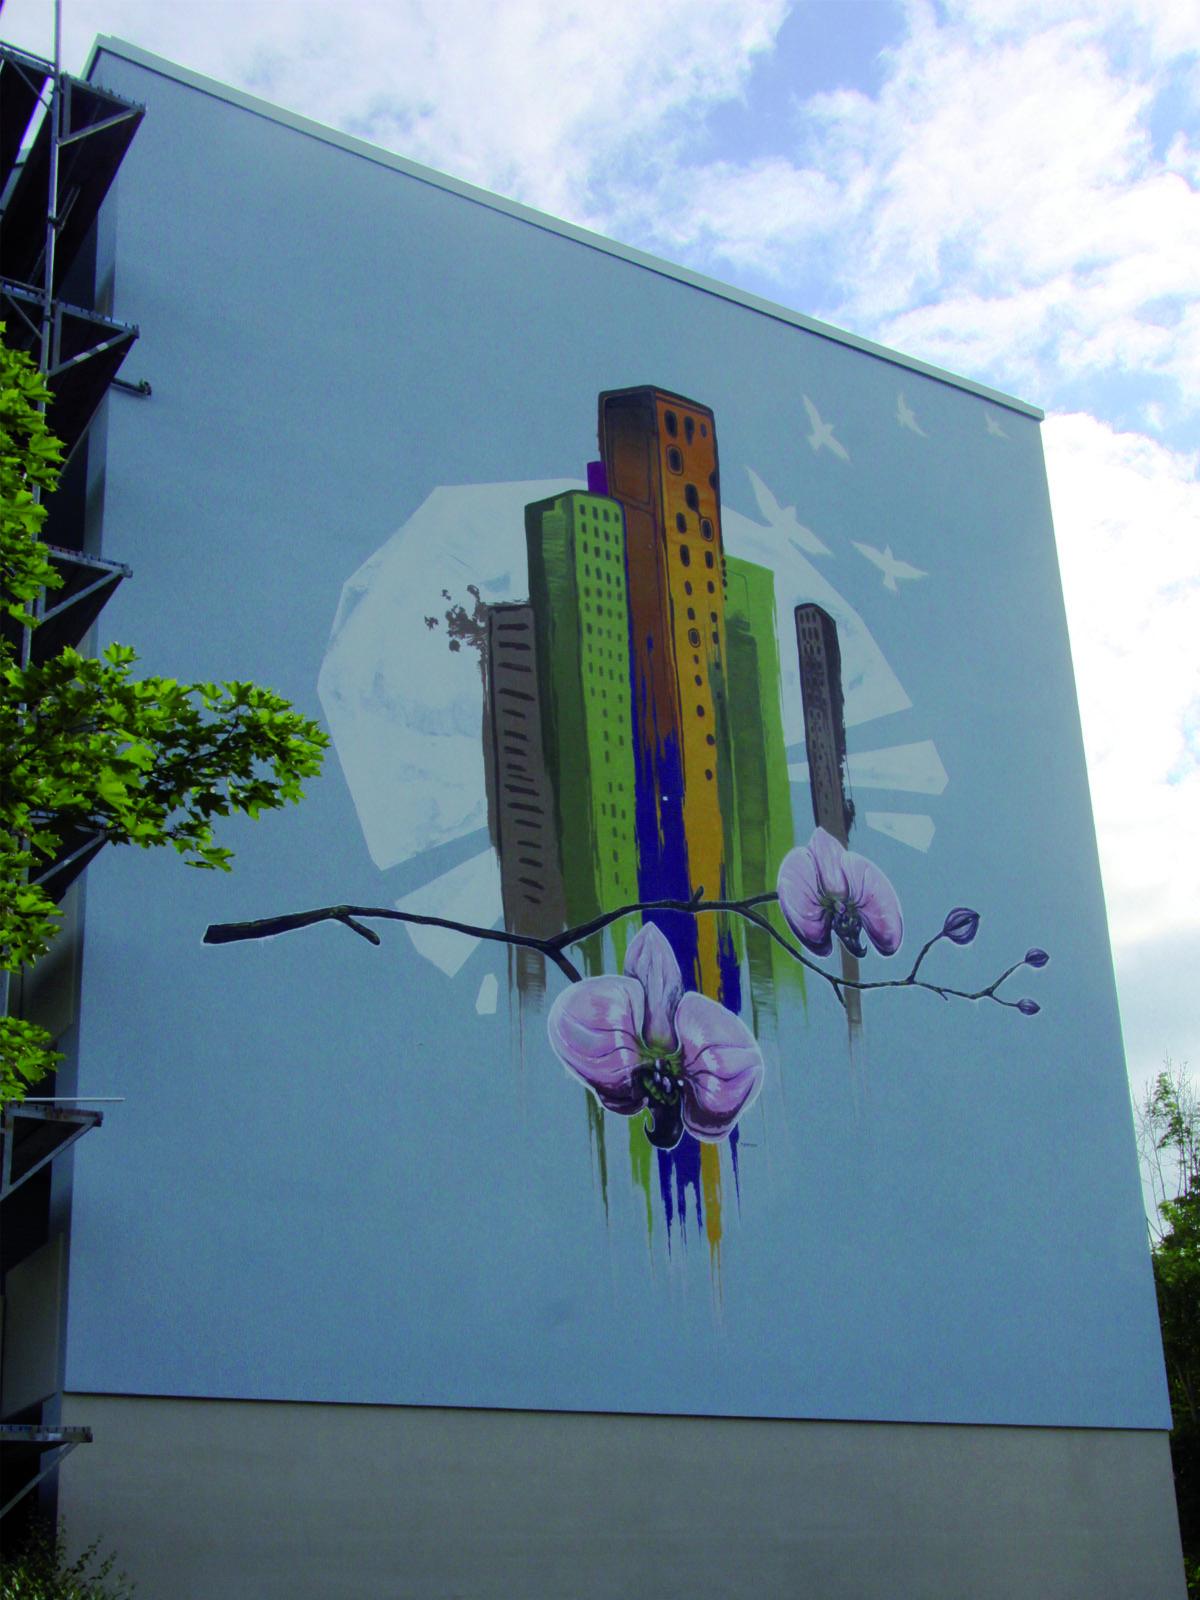 graffitiauftrag-graffitikuenstler-artmos4-bgo-architektur-pflanzen-bunt-kunst